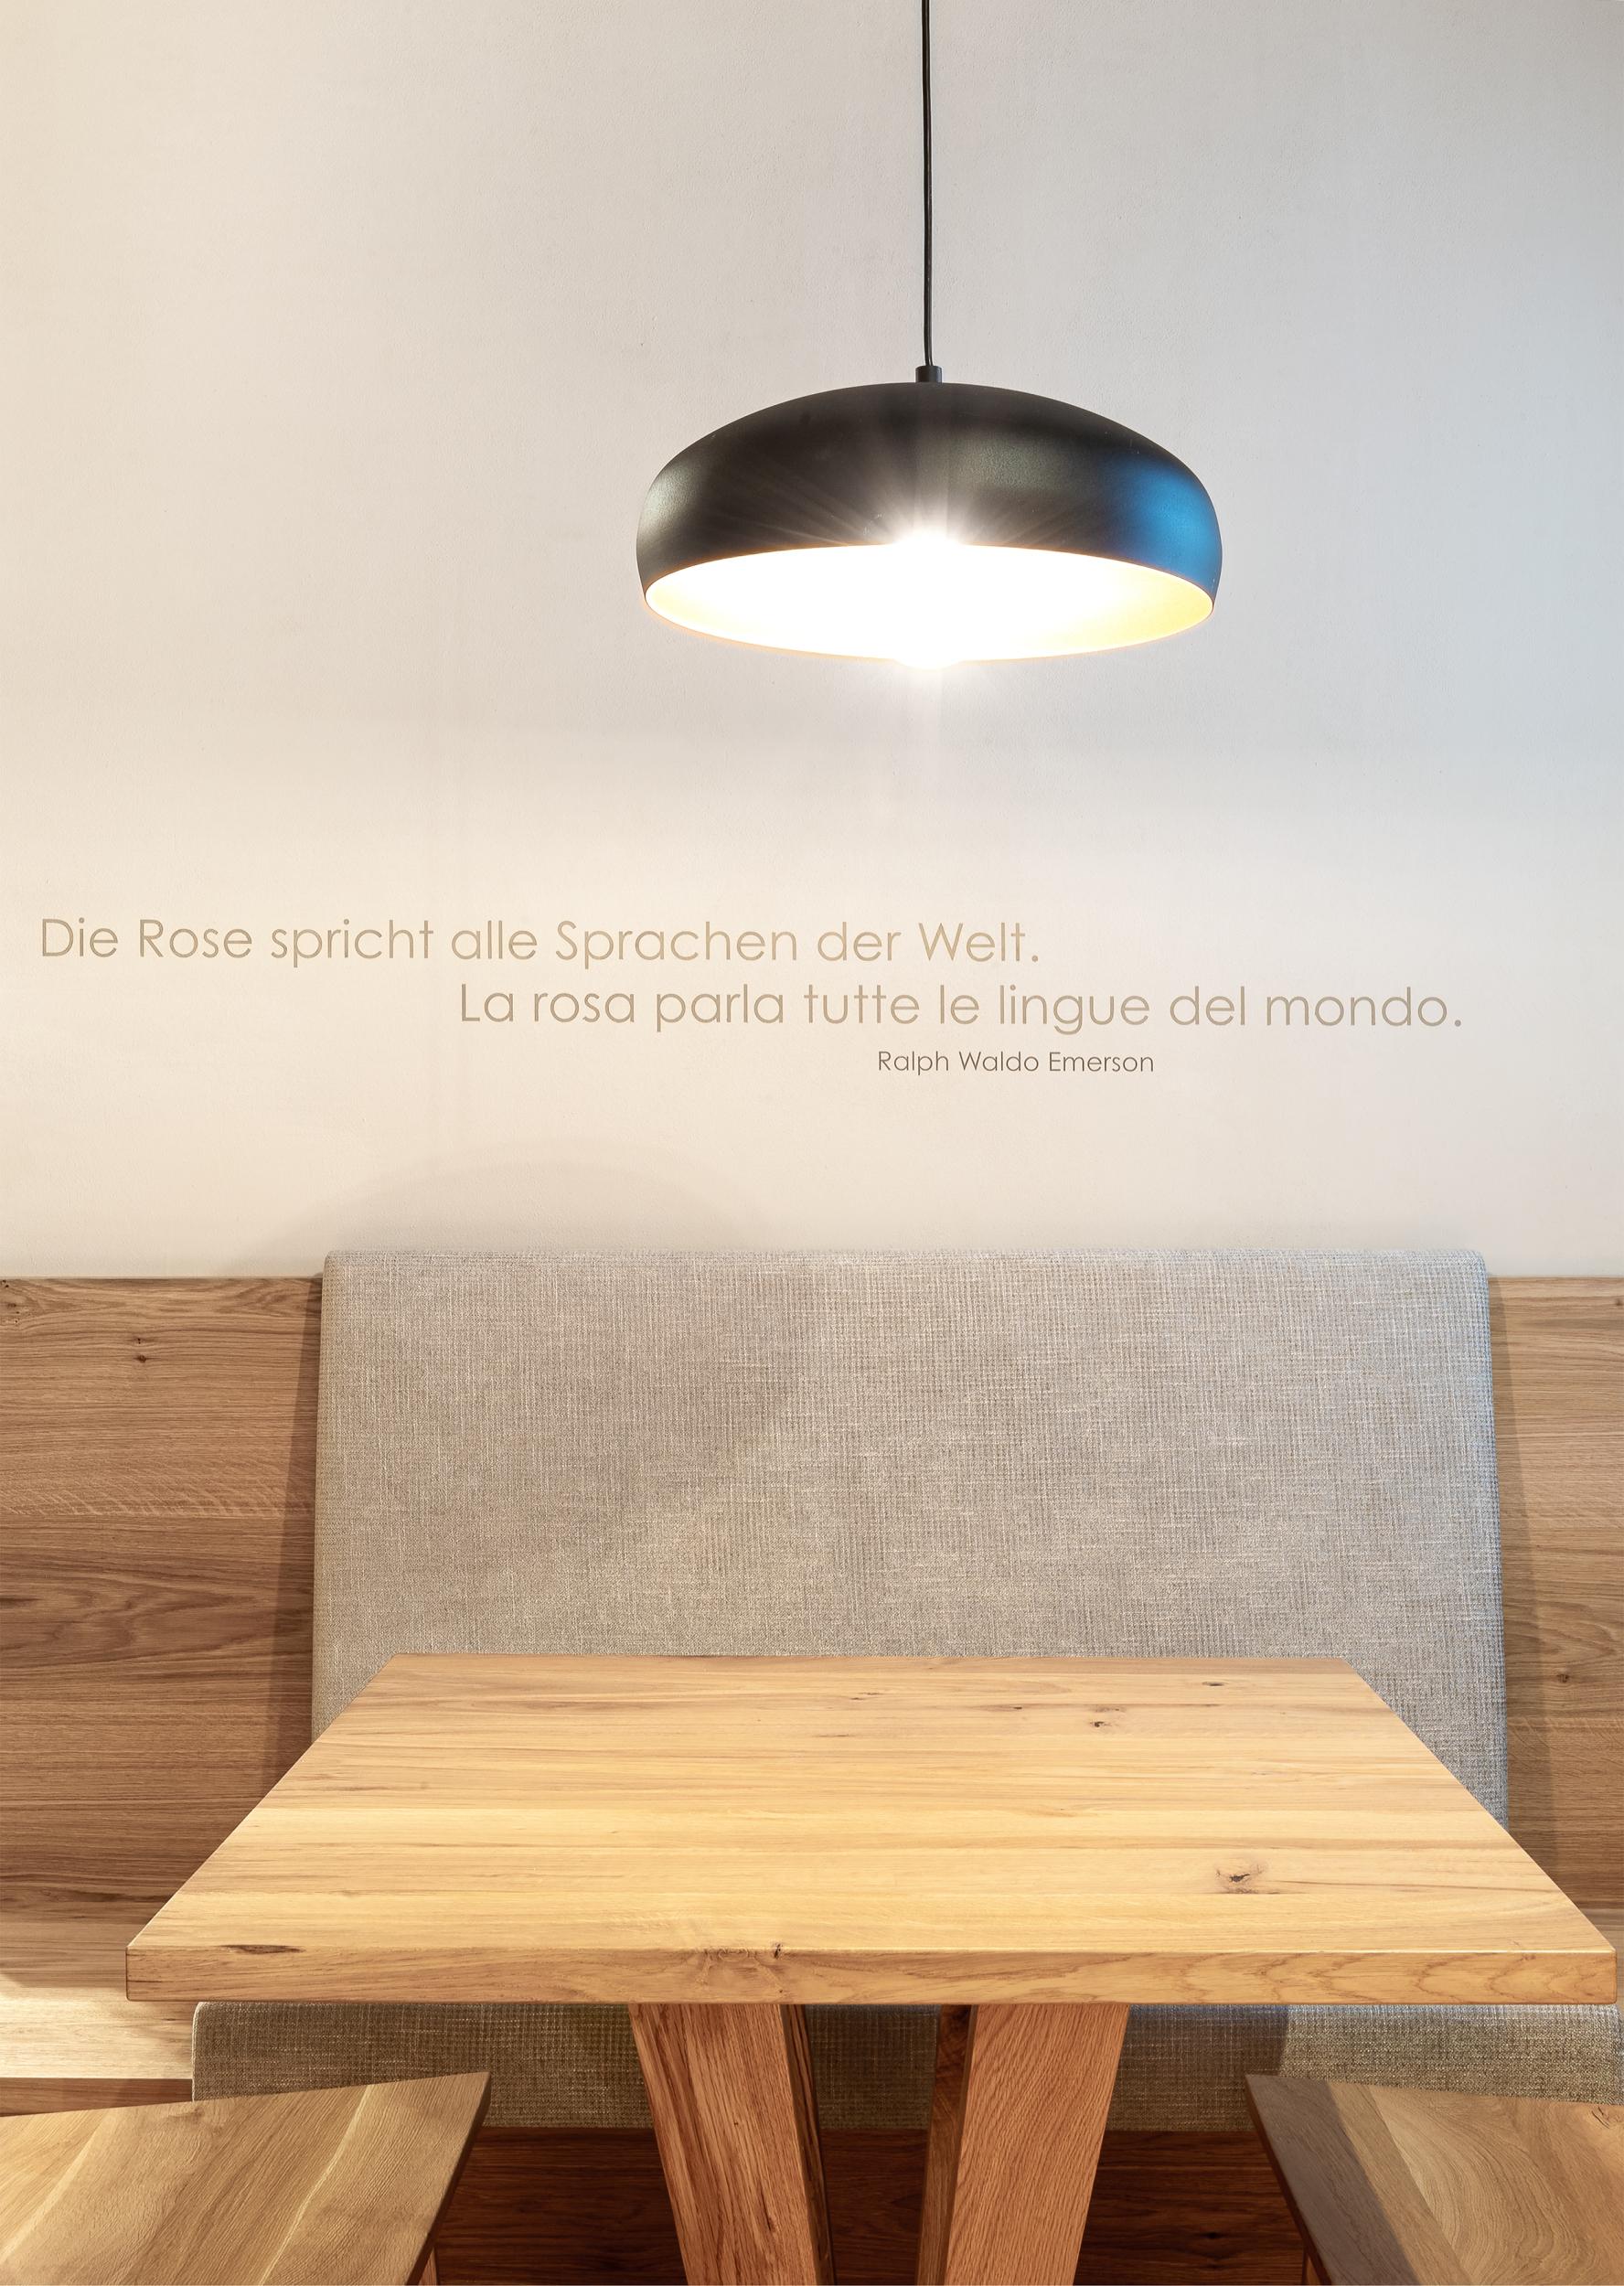 Sitzecke / Parete-tavolo